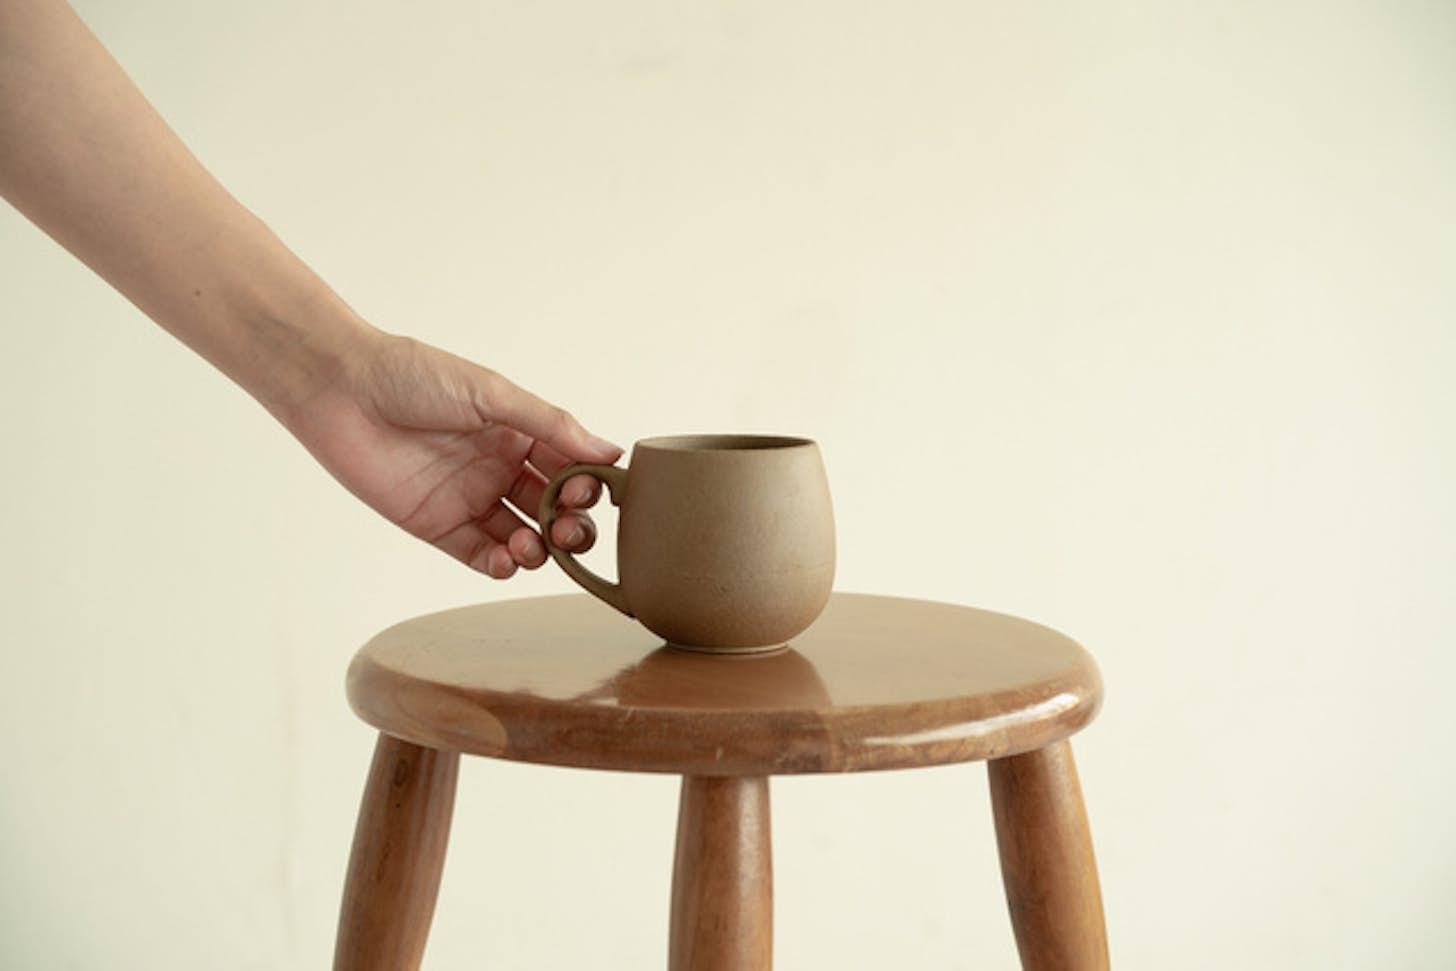 リサイクル陶器から生まれたマグカップでホッと一息